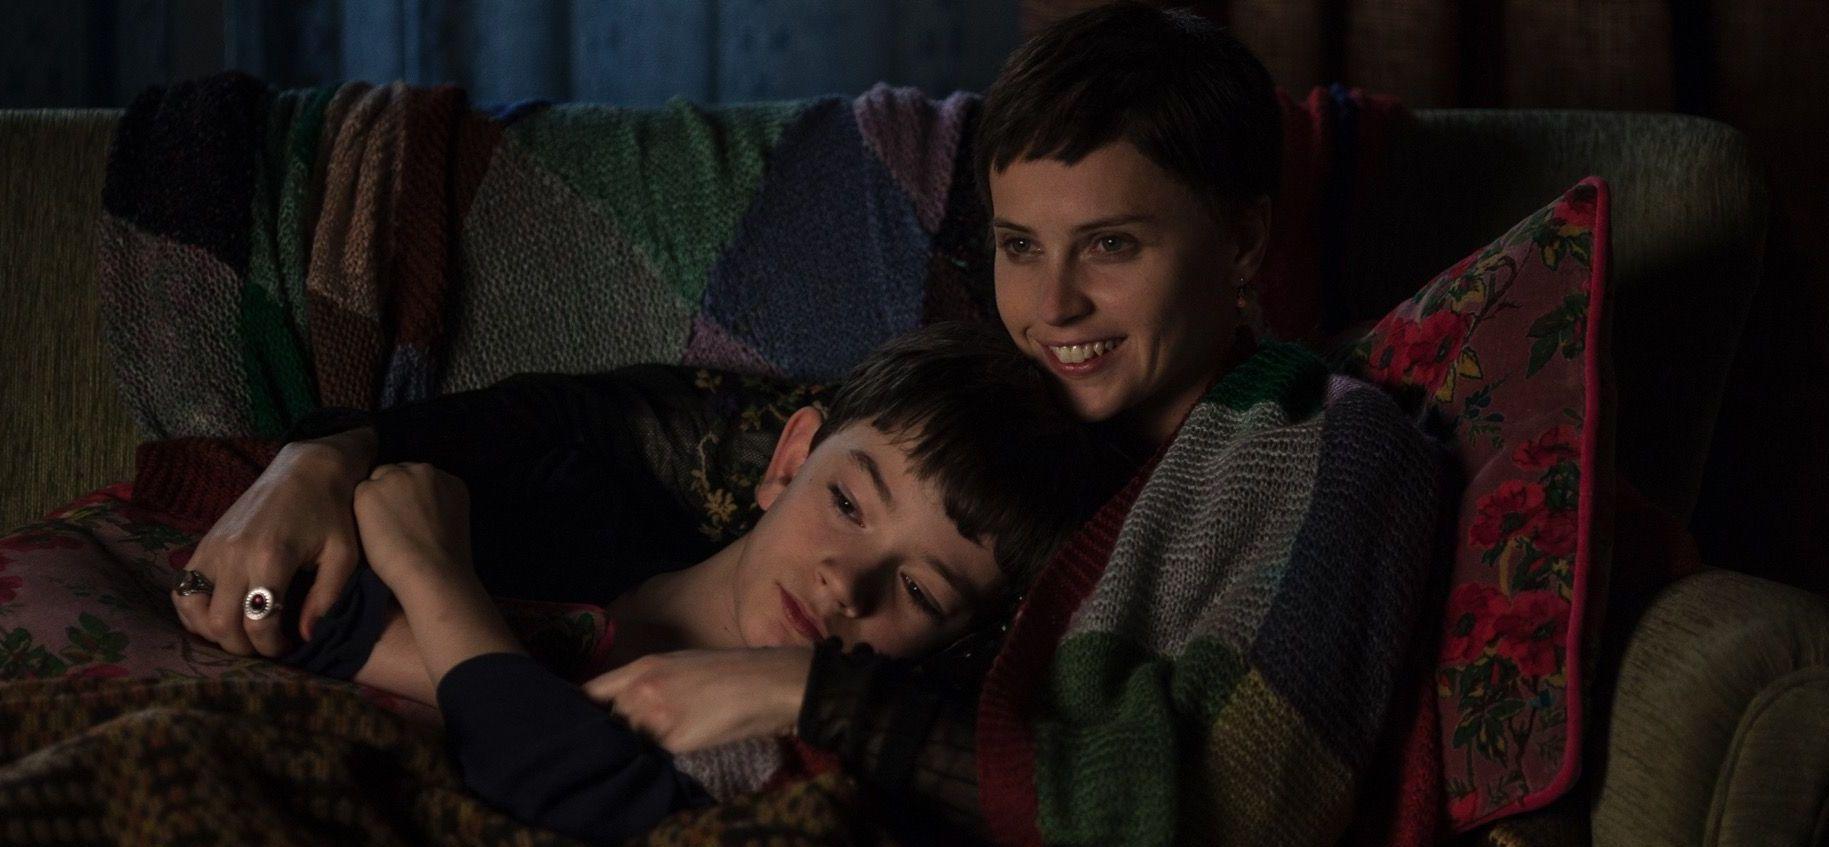 Lewis MacDougall and Felicity Jones